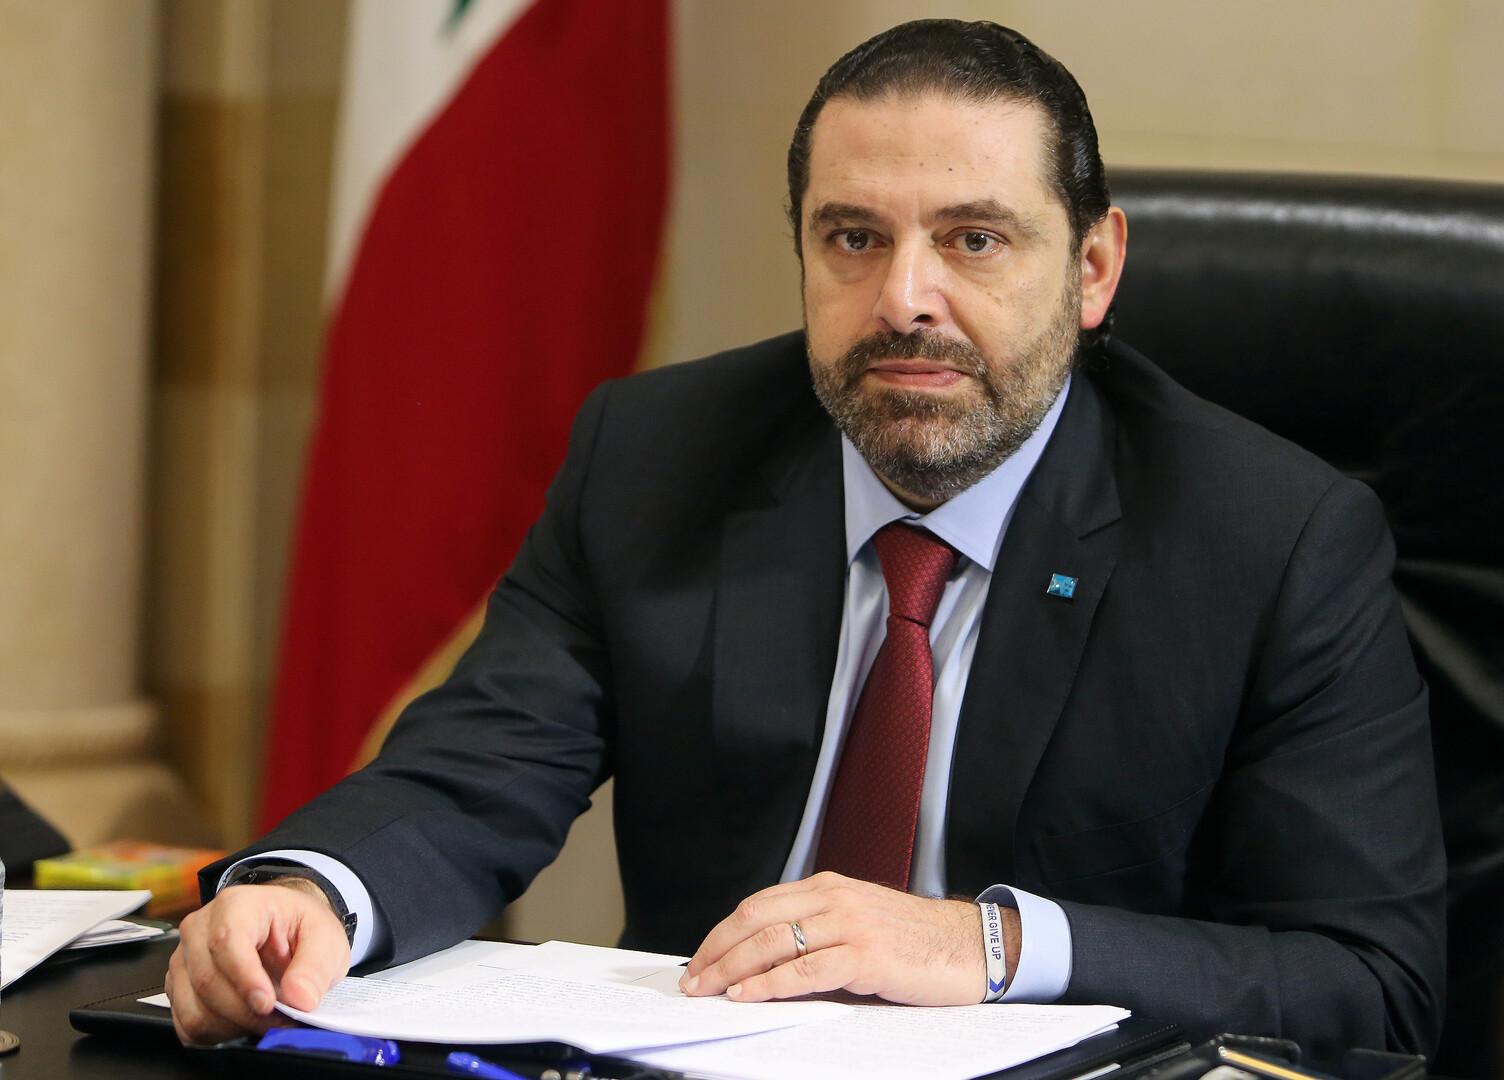 مجلس الوزراء اللبناني يلغي جلسة مع تواصل الاحتجاجات وإغلاق الطرق